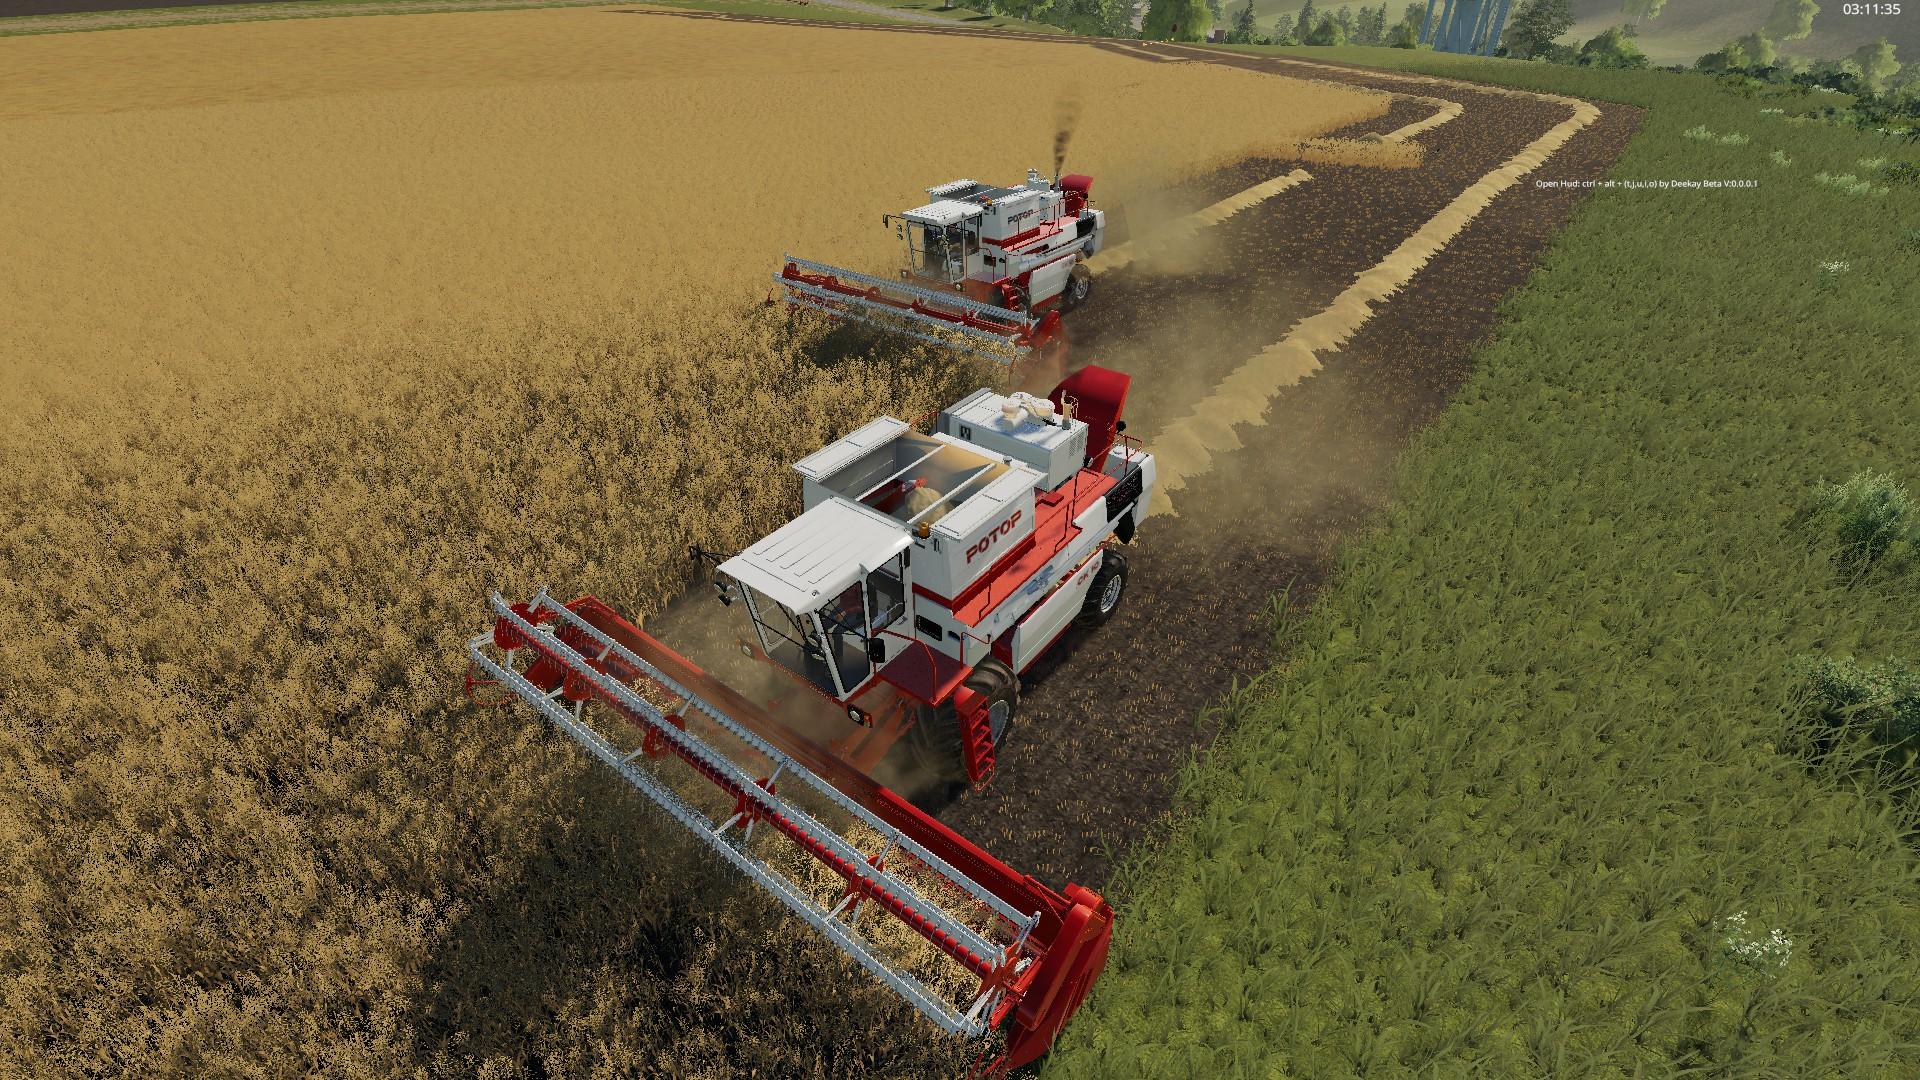 СК-10 Ротор V 0.1.0.4 для Farming Simulator 2019